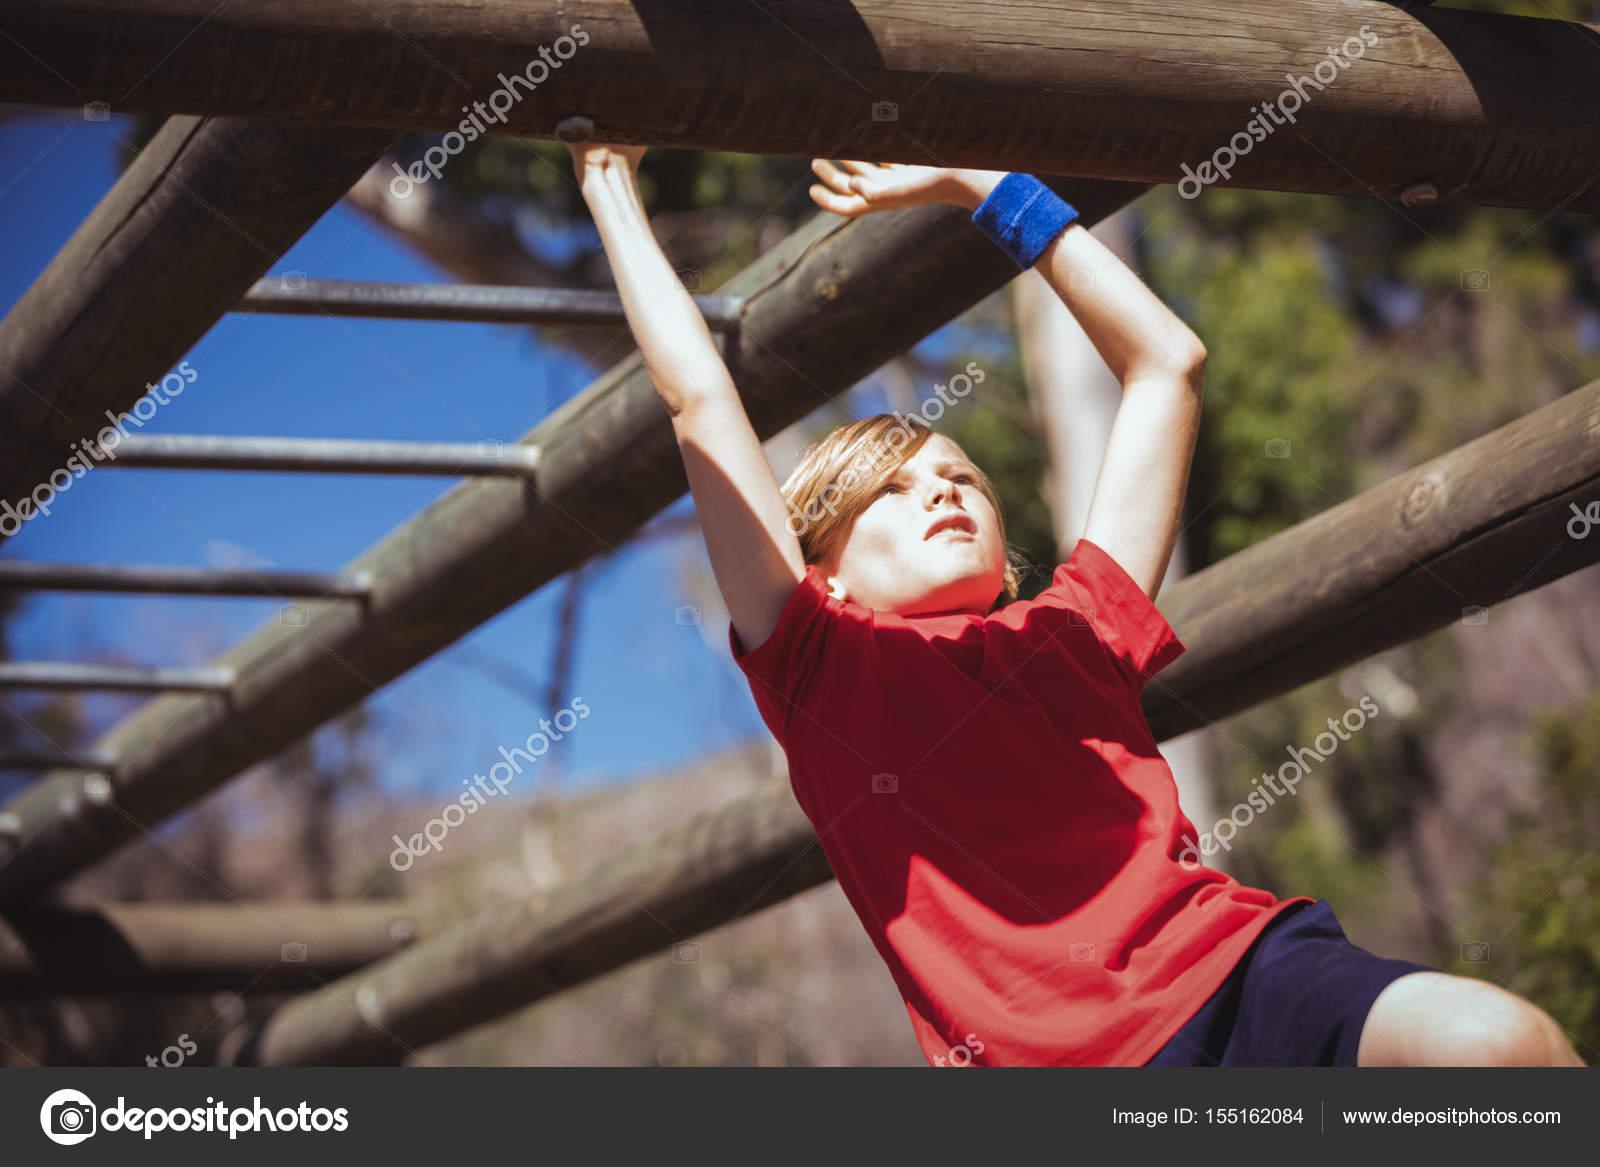 Klettergerüst Mit Netz : Mädchen klettern klettergerüst u2014 stockfoto © wavebreakmedia #155162084